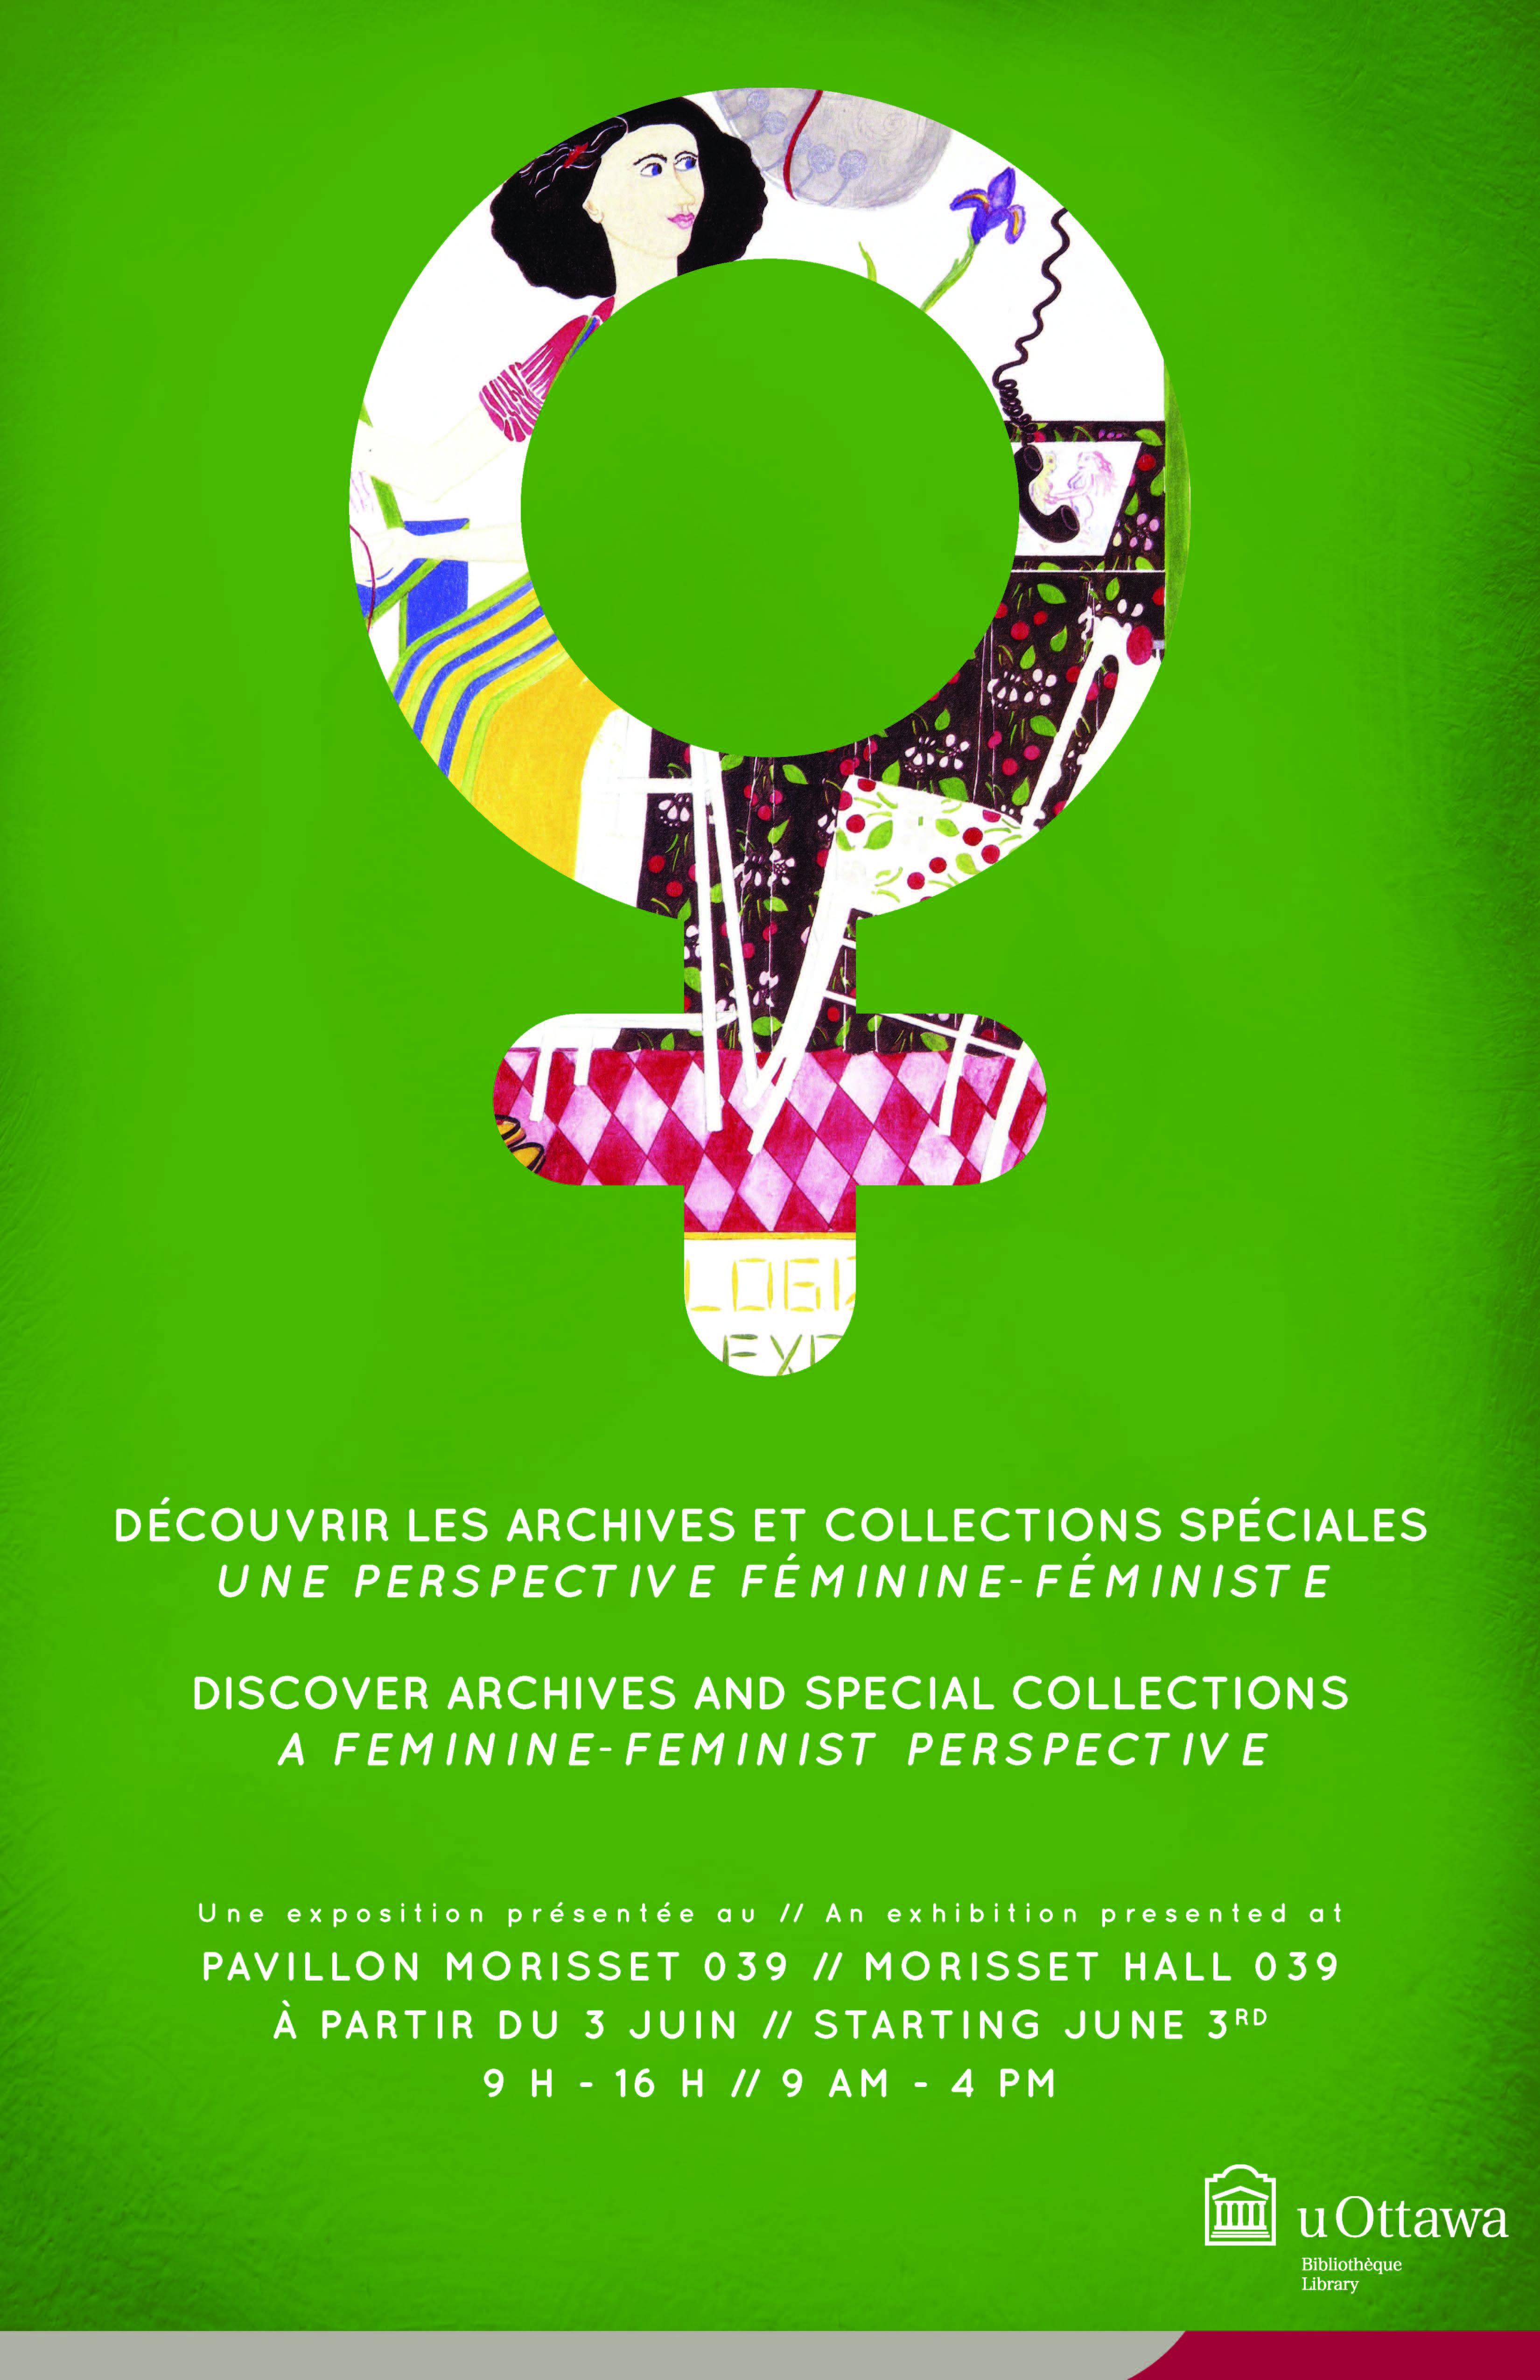 A feminine/feminist perspective